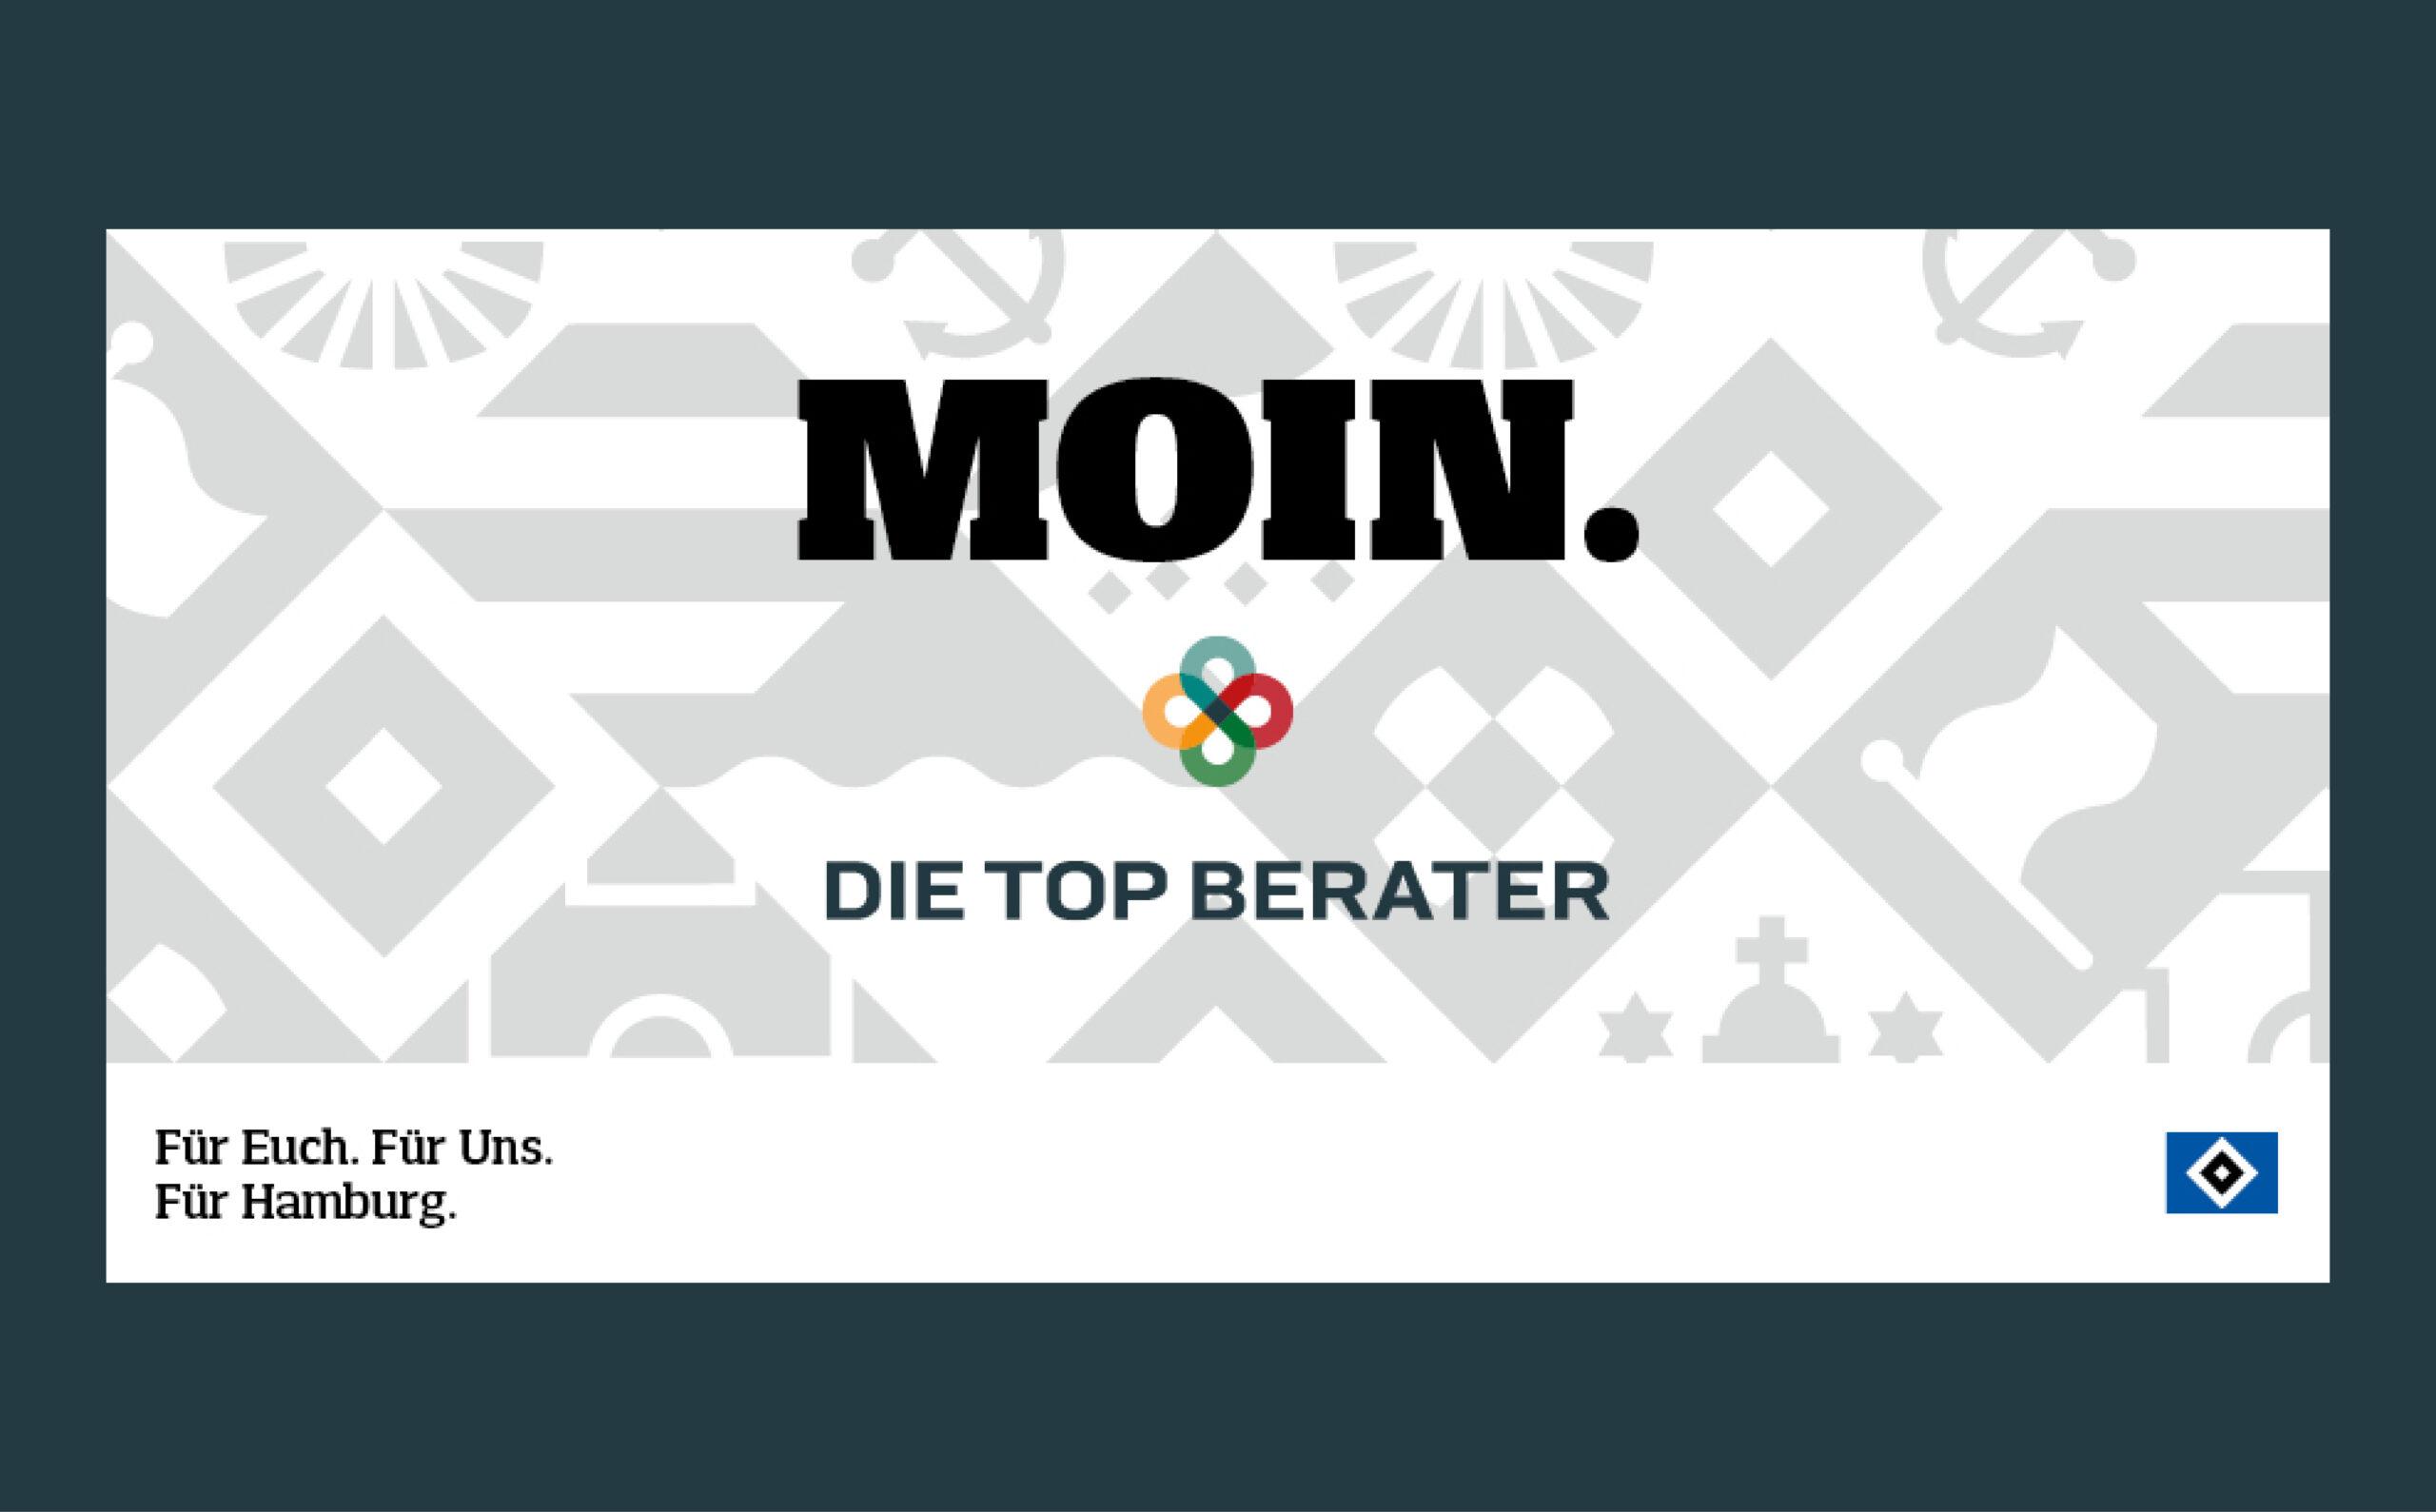 grau-weiße Grafik mit Elementen der Stadt Hamburg. Zu lesen ist in Großbuchstaben: MOIN. Darunter befindet sich das Logo von Die Top Berater